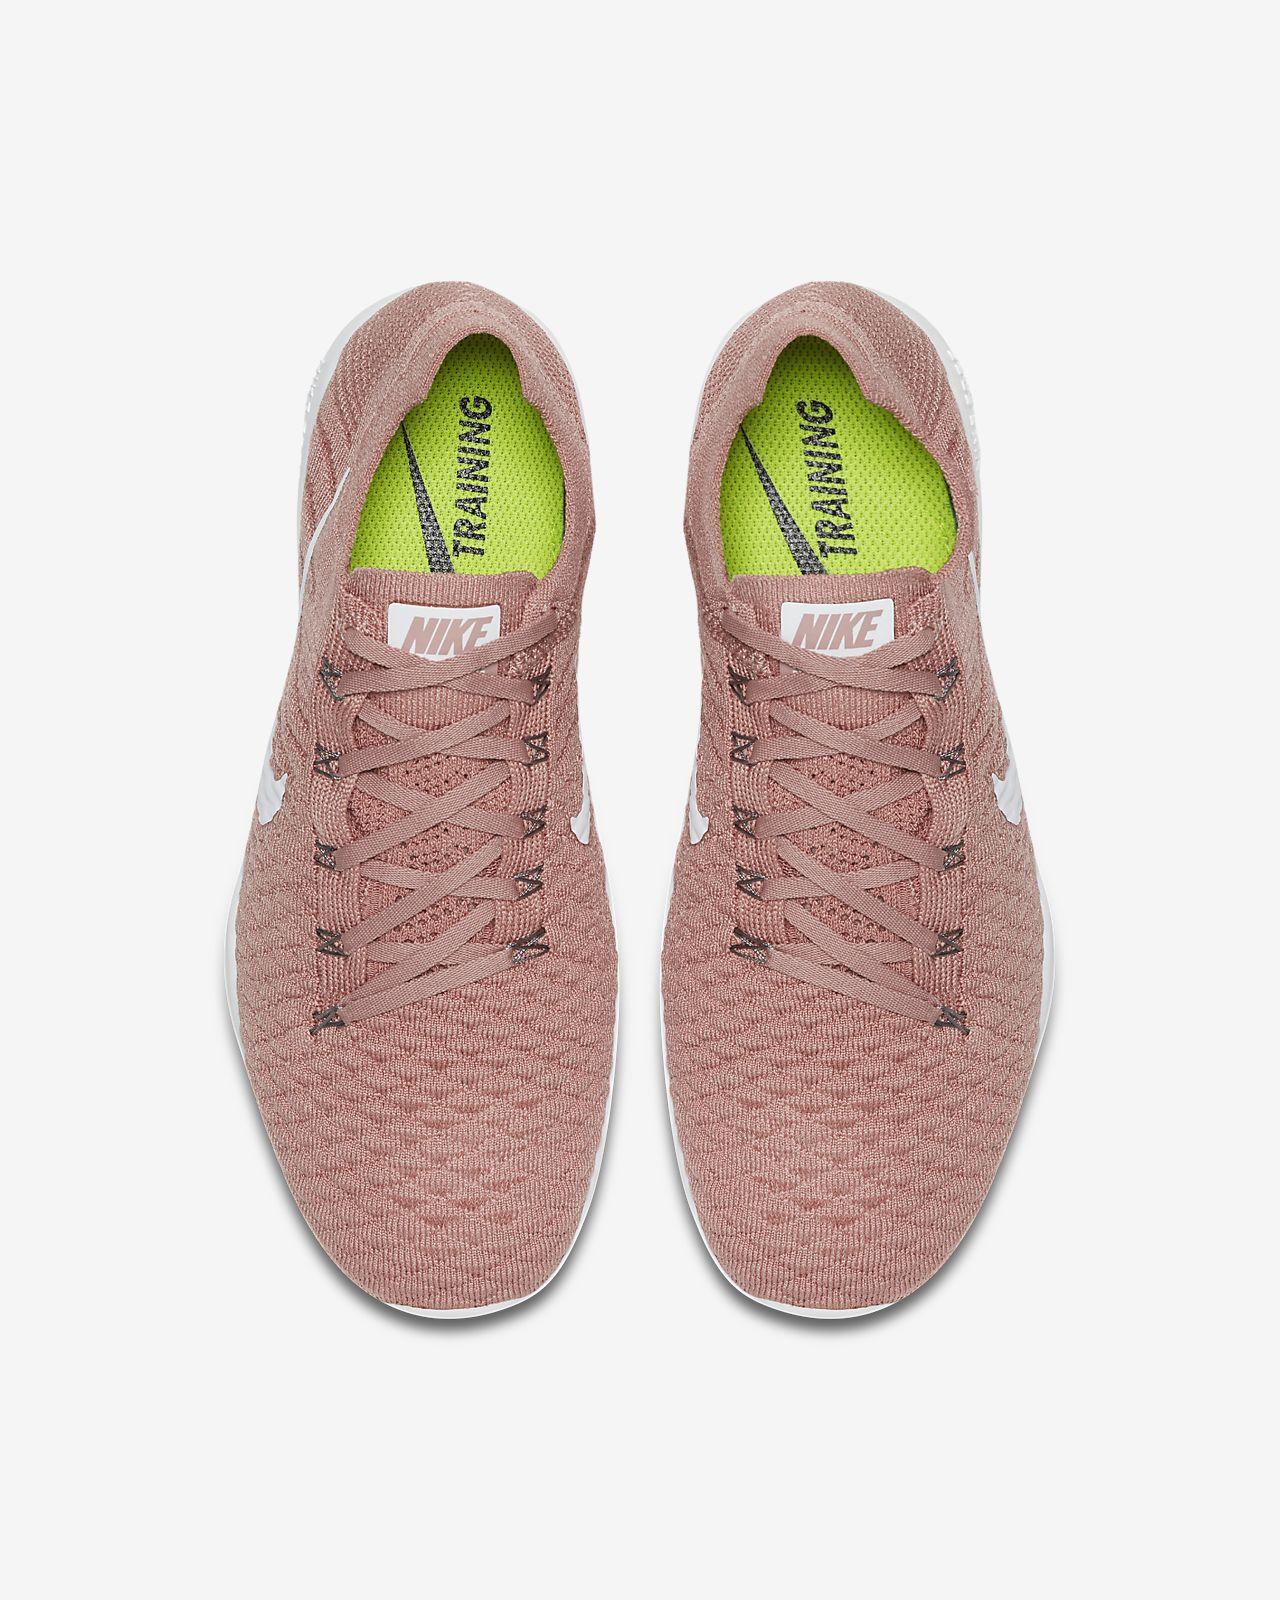 nike free tr flyknit 2 women's bodyweight training workout shoe